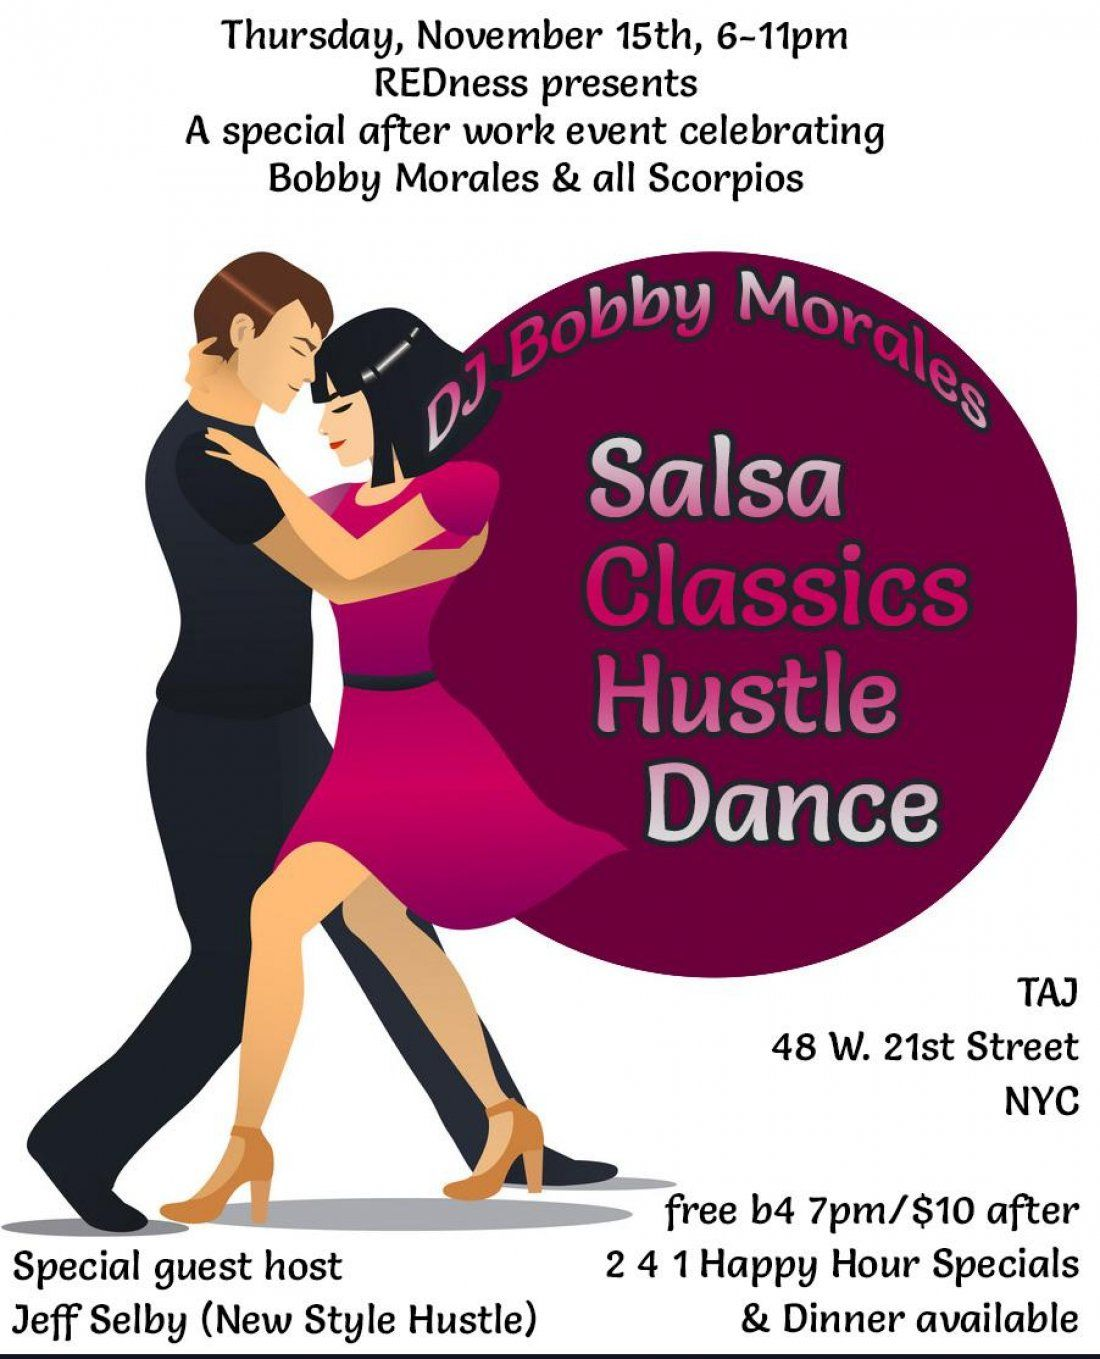 1115-After Work-Salsa Classics Hustle Dance